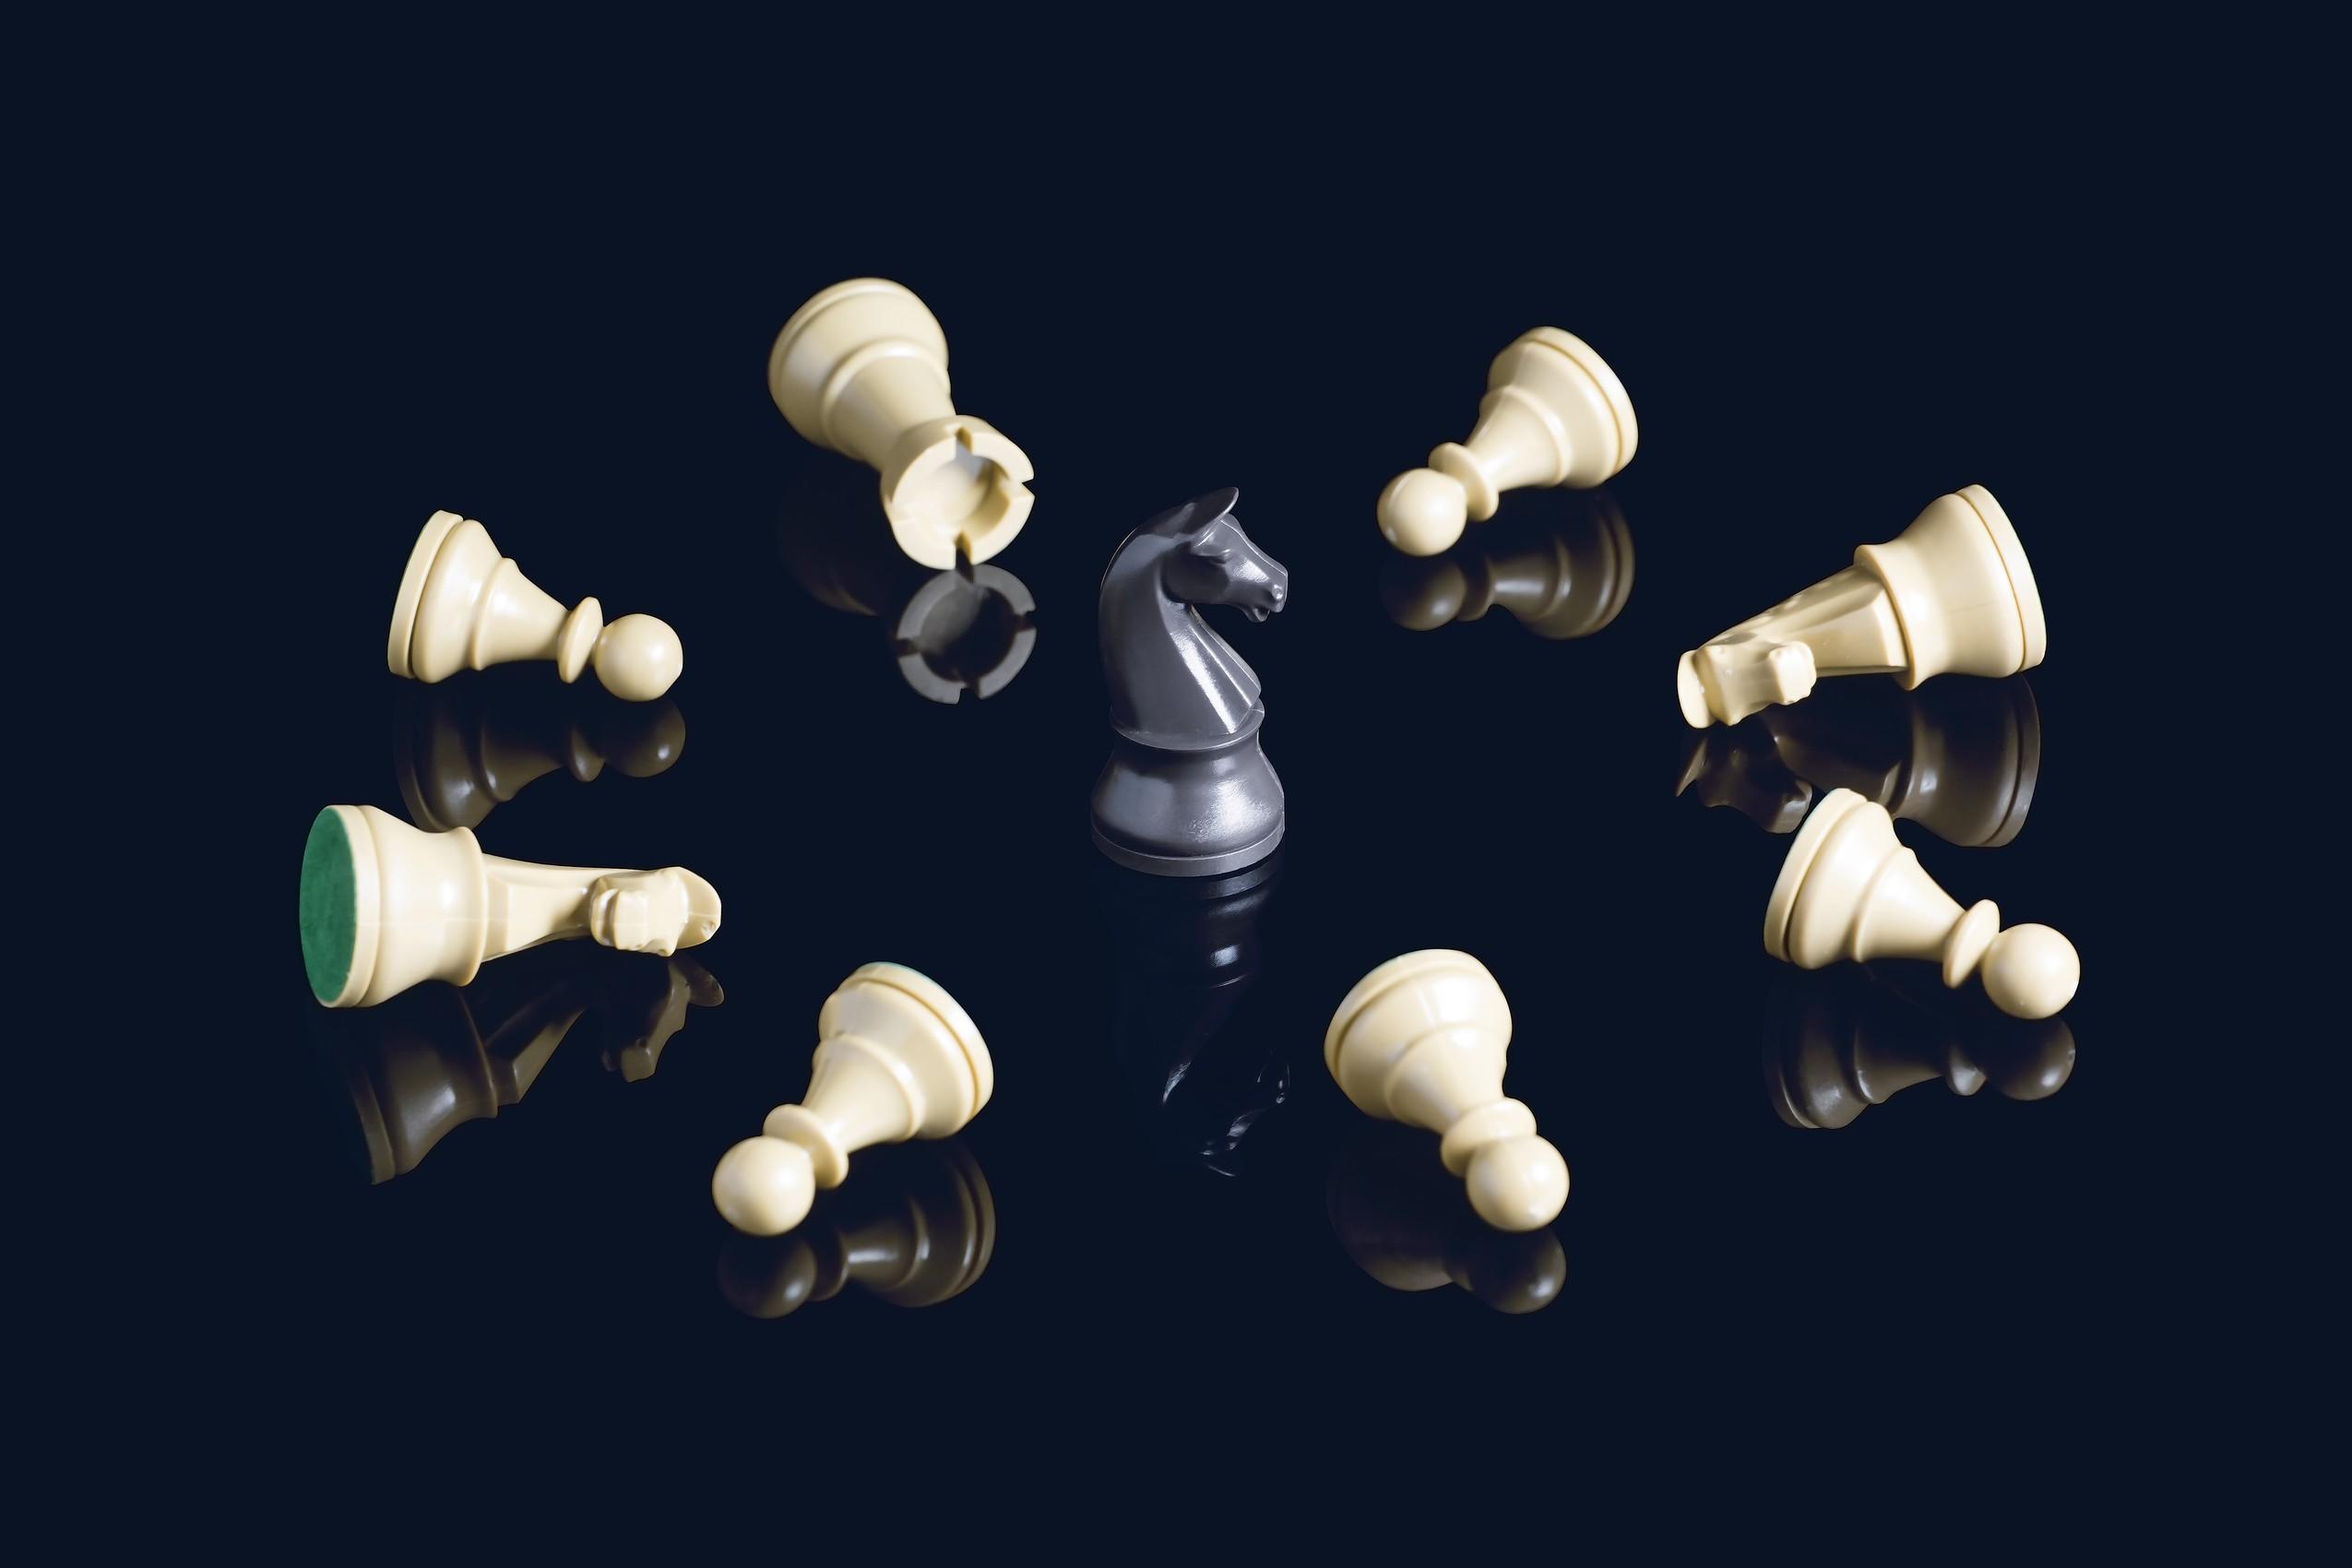 חברות ייעוץ ארגוני מניעות צמיחה עסקית וניהולית.